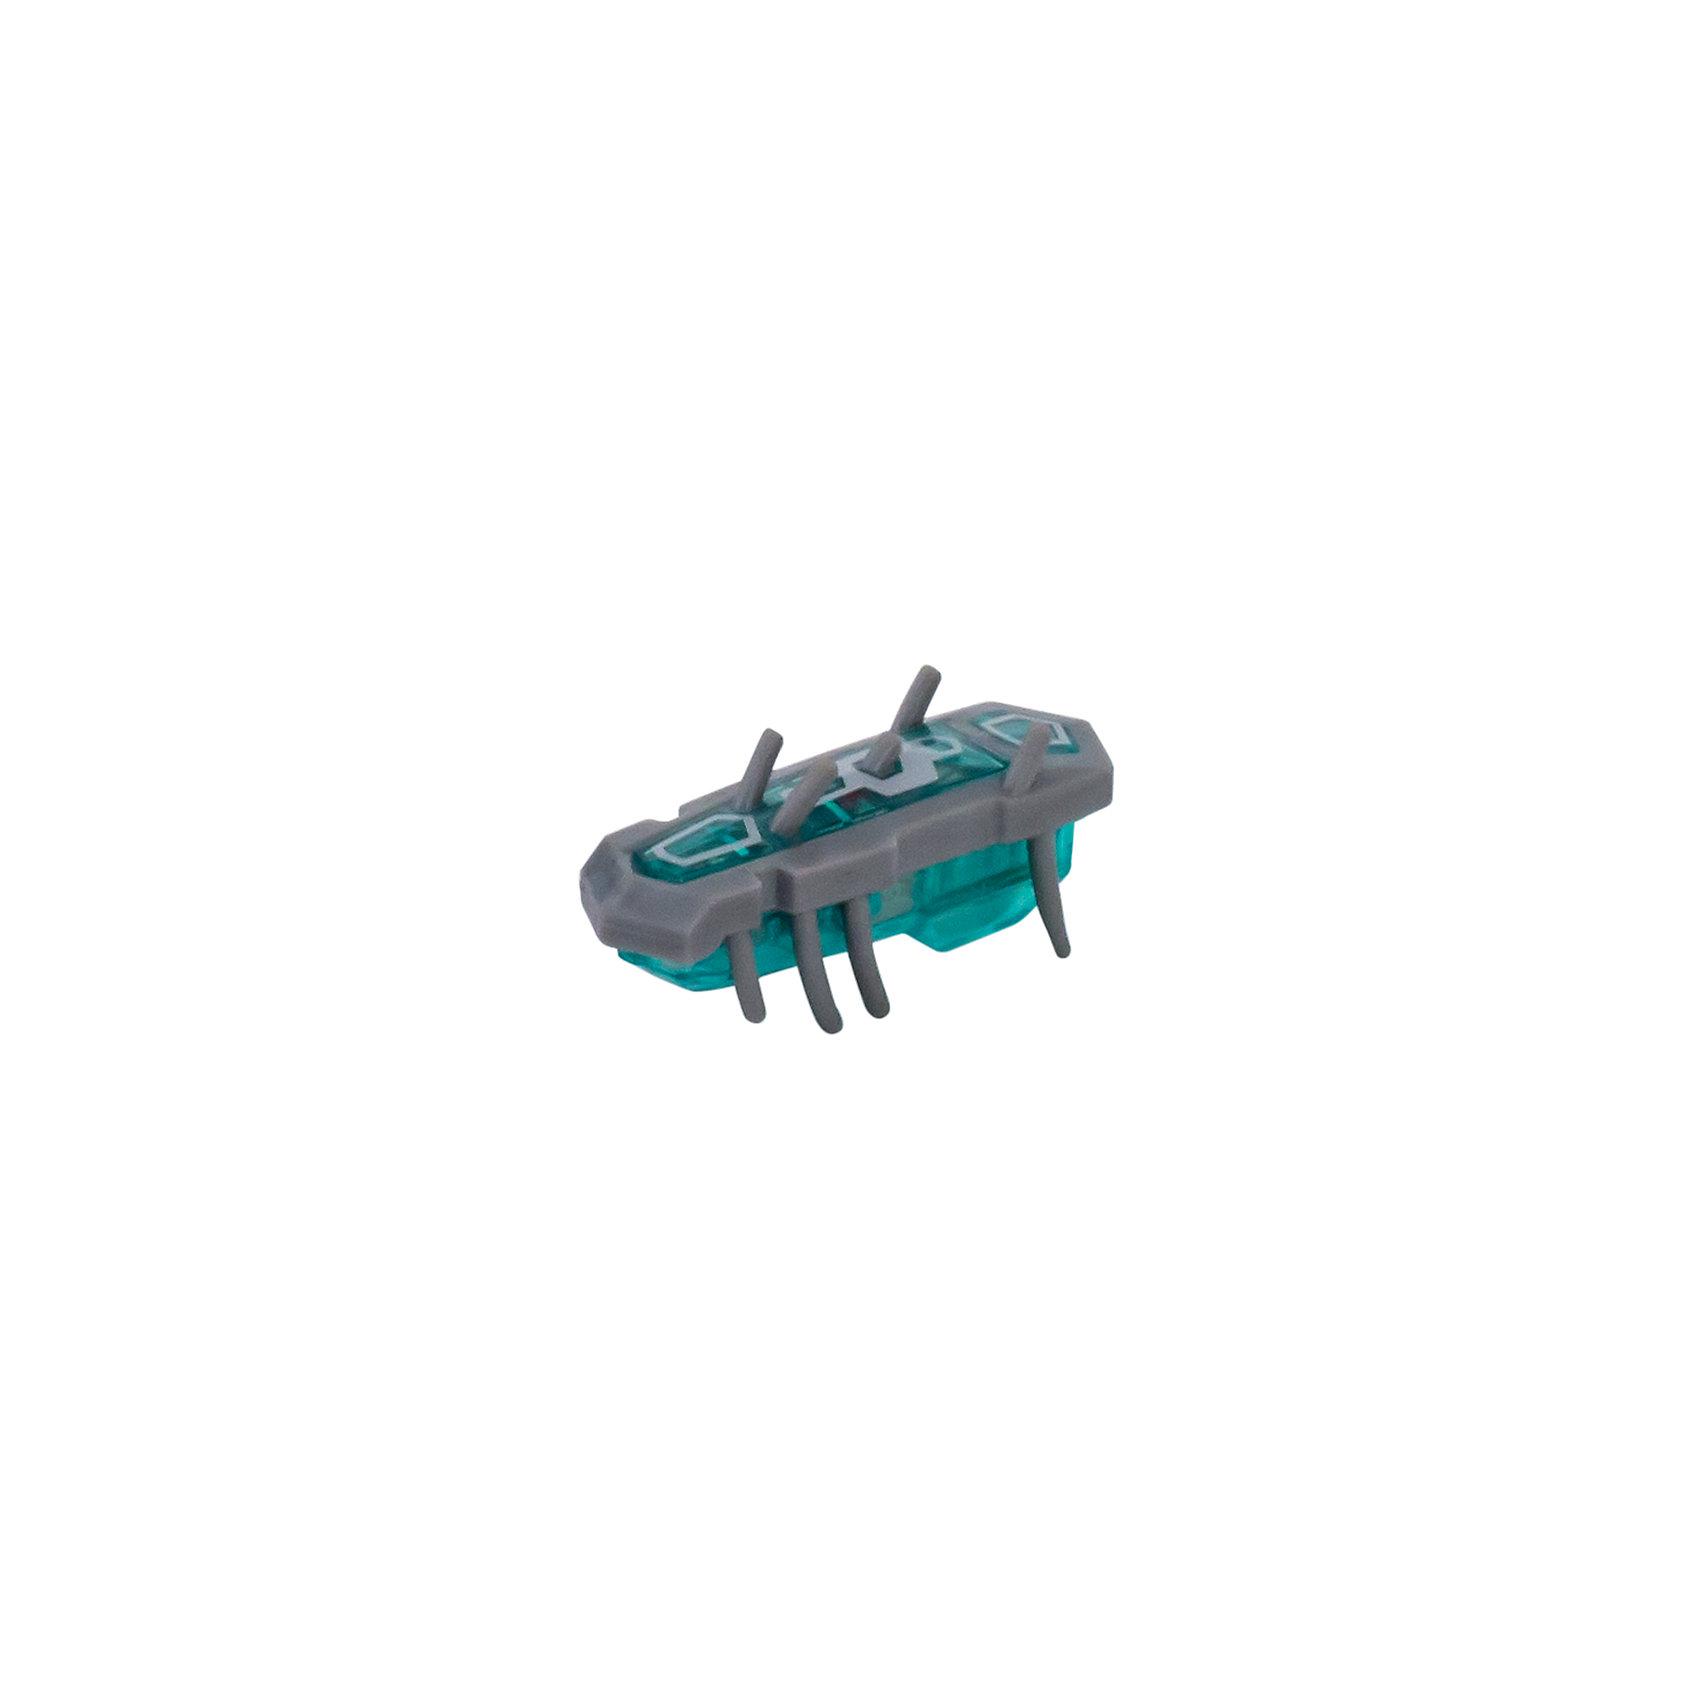 Микро-робот Nano Nitro Single, серо-голубой, HexbugПрочие интерактивные игрушки<br><br><br>Ширина мм: 130<br>Глубина мм: 25<br>Высота мм: 25<br>Вес г: 30<br>Возраст от месяцев: 36<br>Возраст до месяцев: 2147483647<br>Пол: Унисекс<br>Возраст: Детский<br>SKU: 5507230